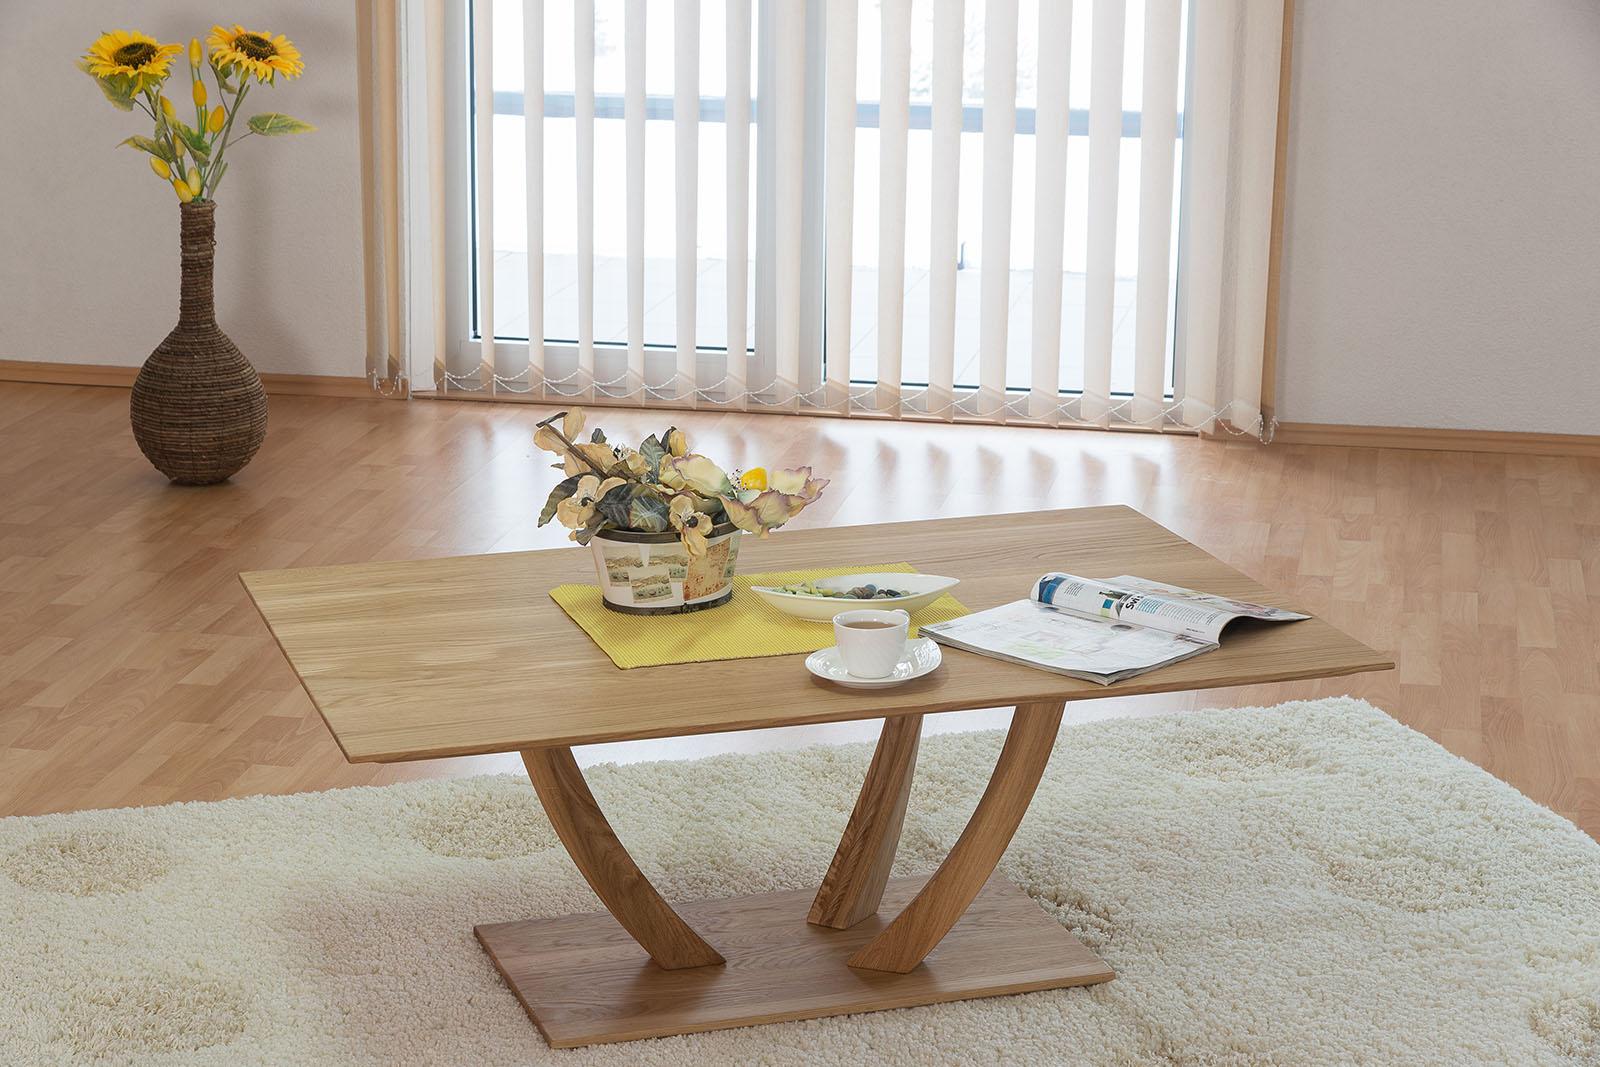 couchtisch diamant ct1d dico m bel einer der f hrenden anbieter von betten. Black Bedroom Furniture Sets. Home Design Ideas